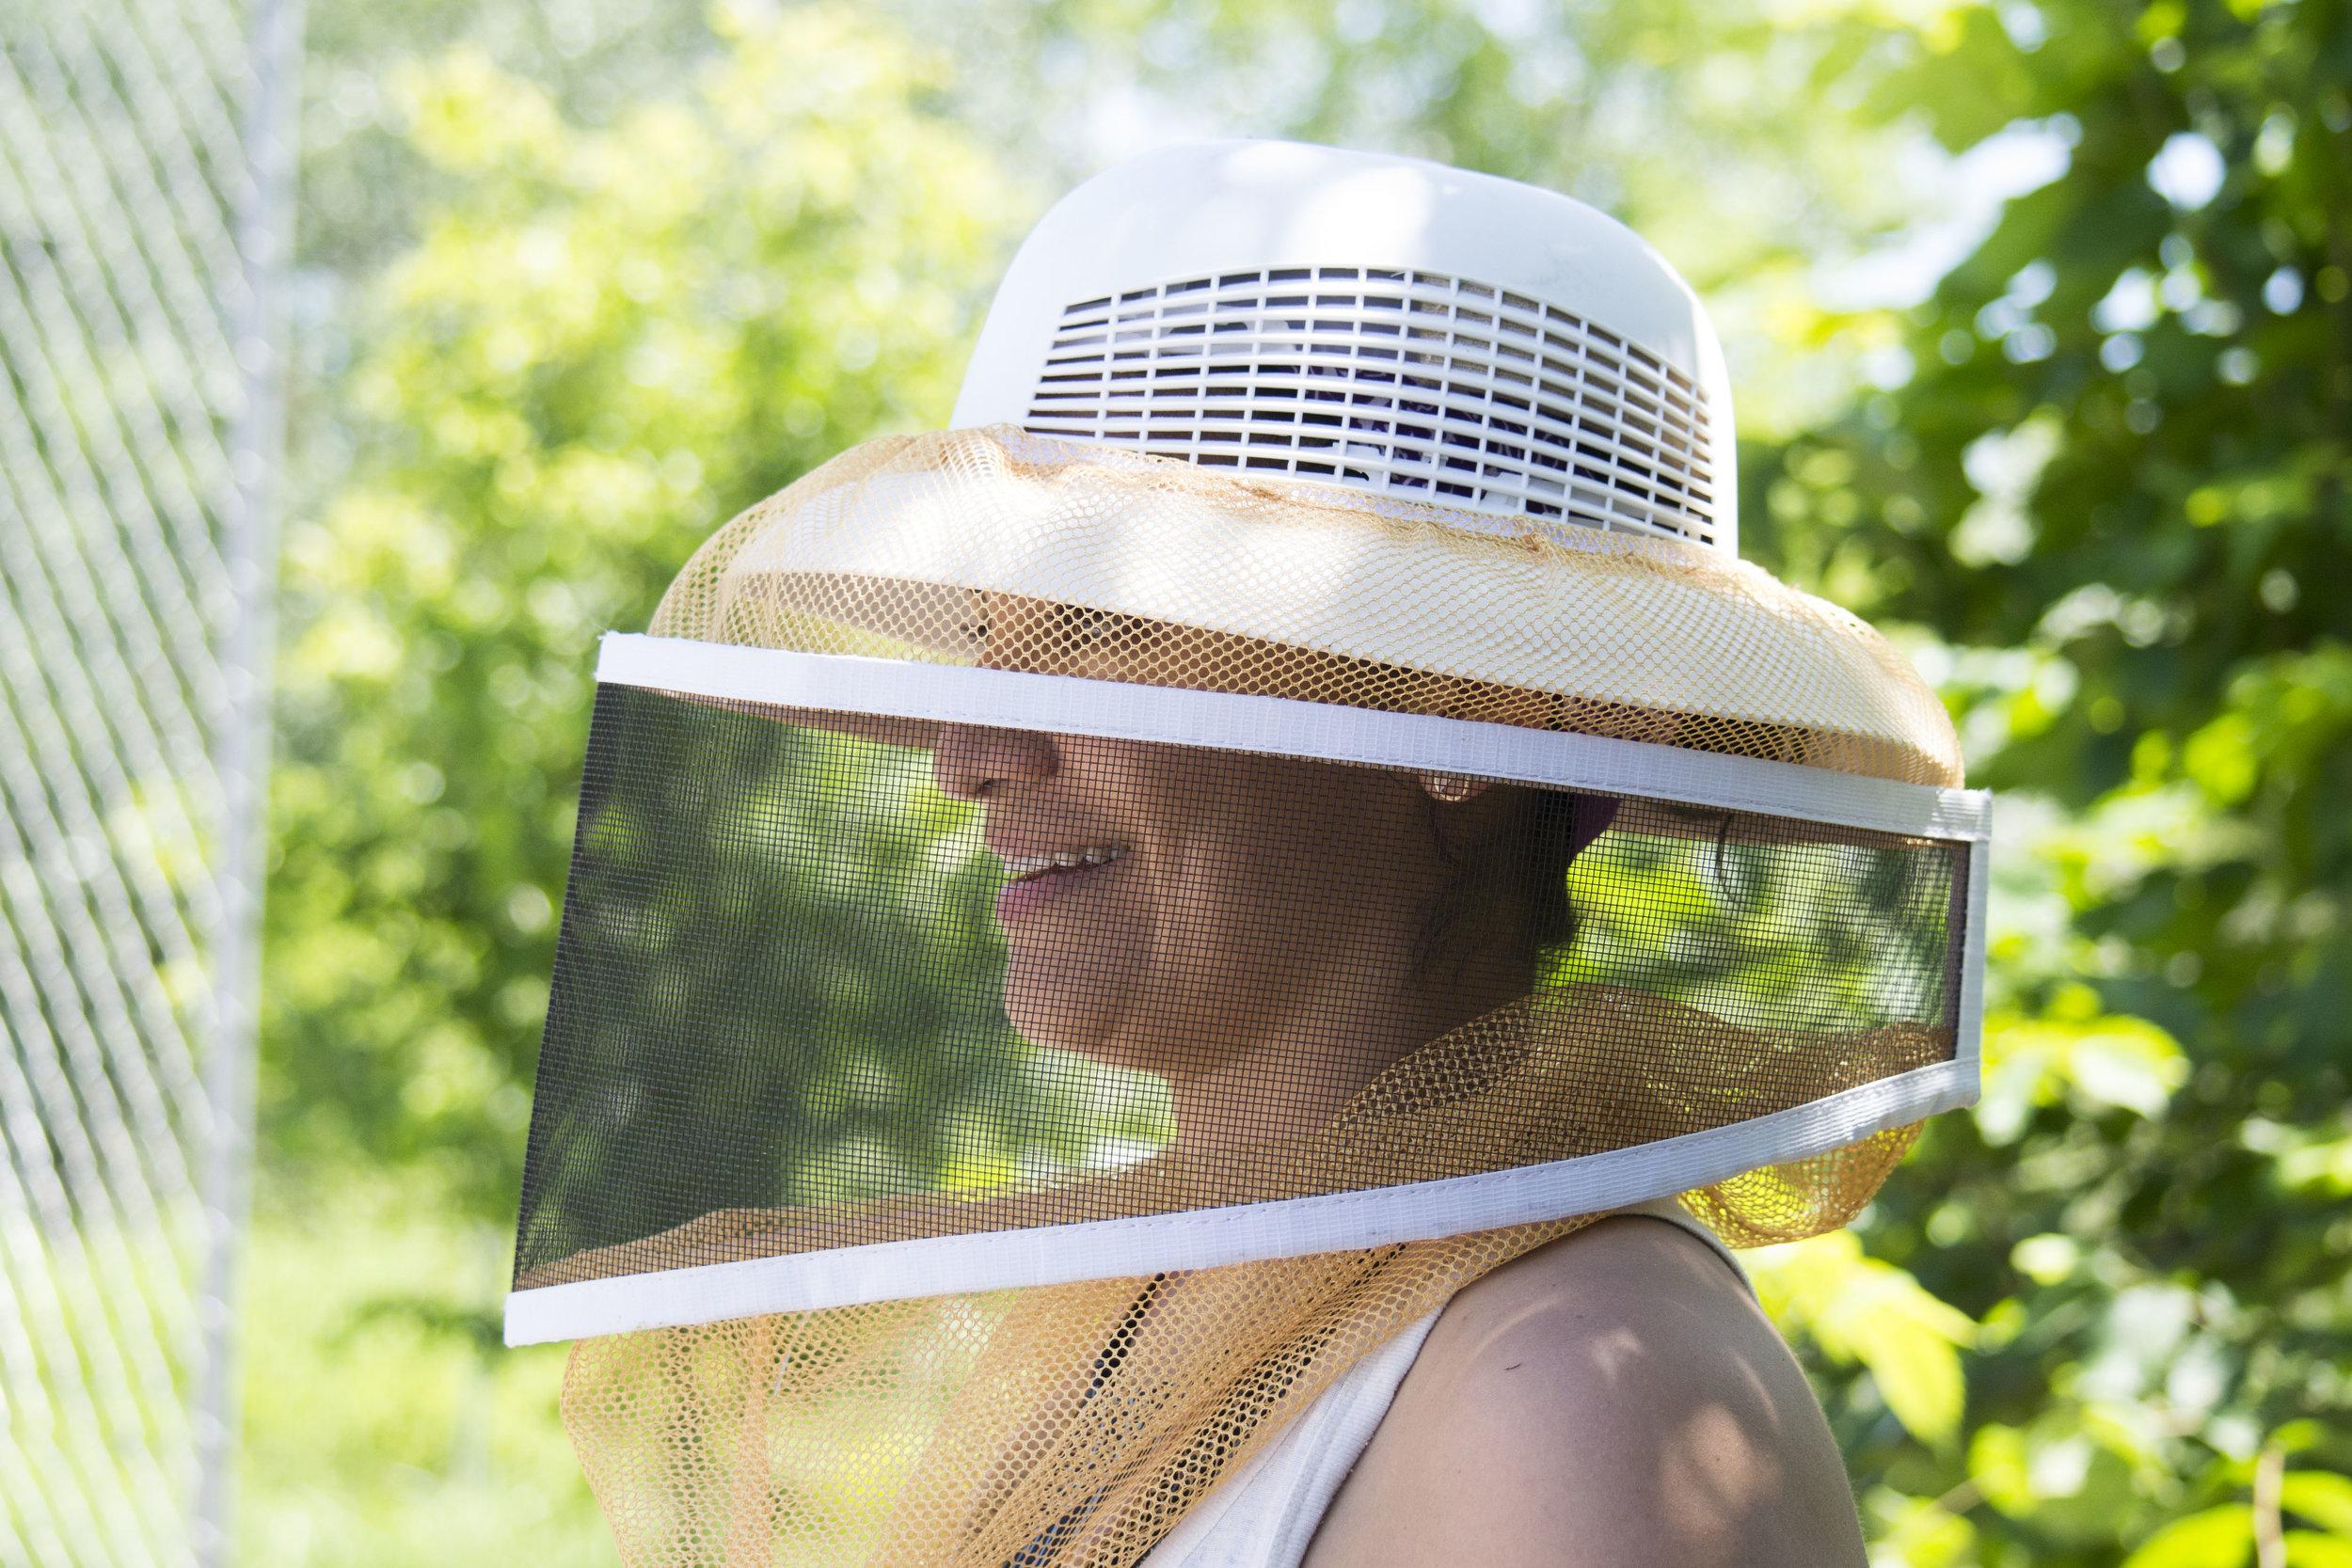 Lady beekeeper. Urban beekeeper